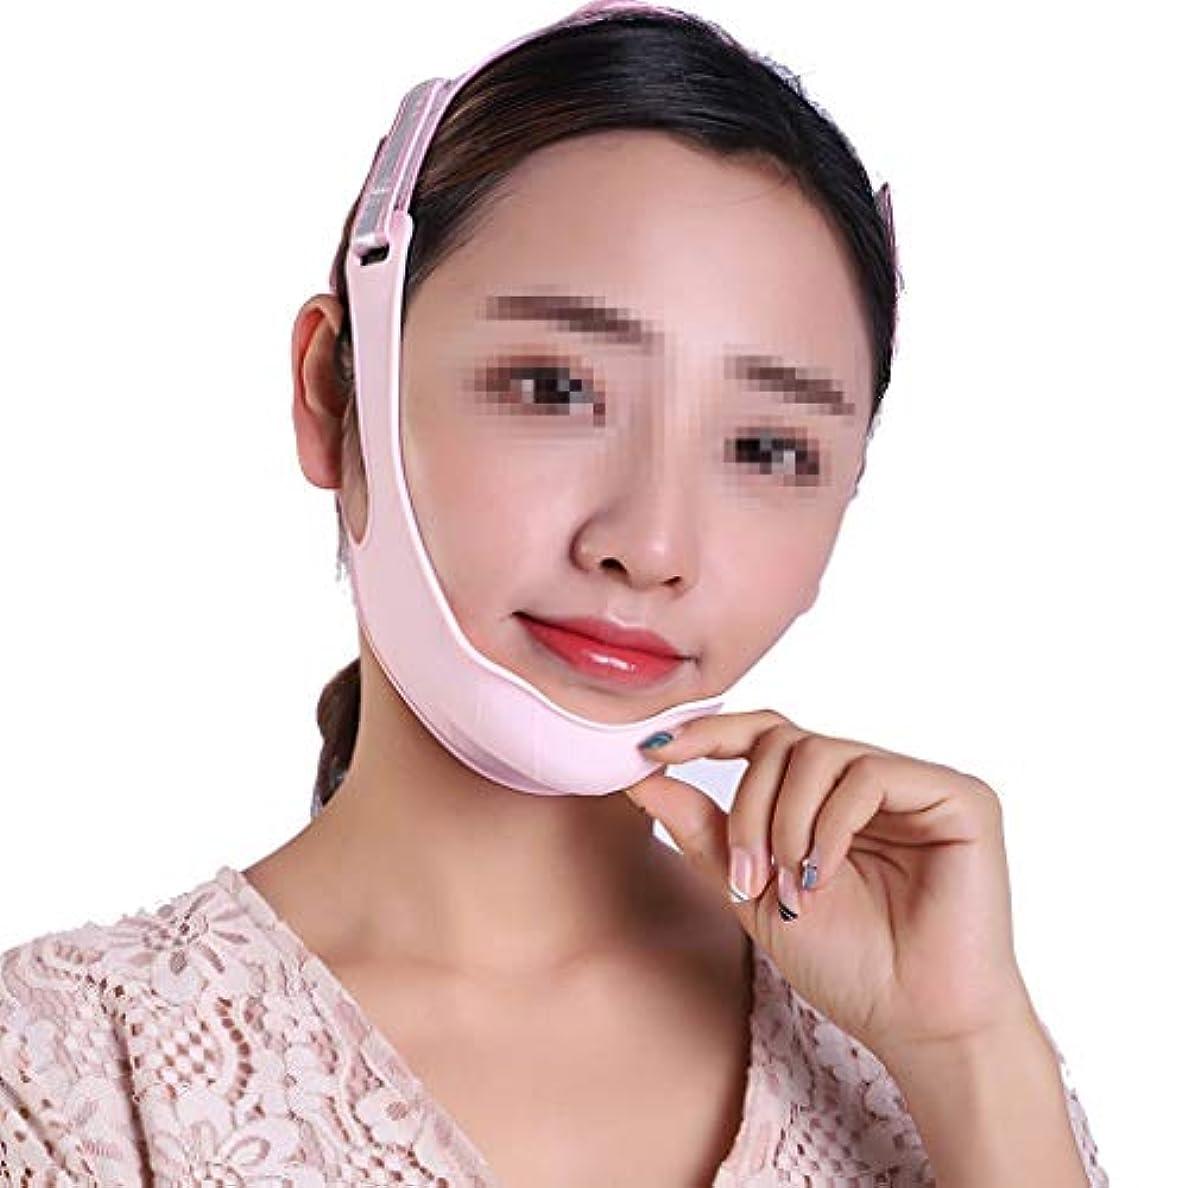 そばに瞑想するイースターシリコーンフェイスマスク、小さなv顔薄い顔包帯持ち上がる顔引き締めアーティファクトマッサージ師スキニーフェイス美容バー